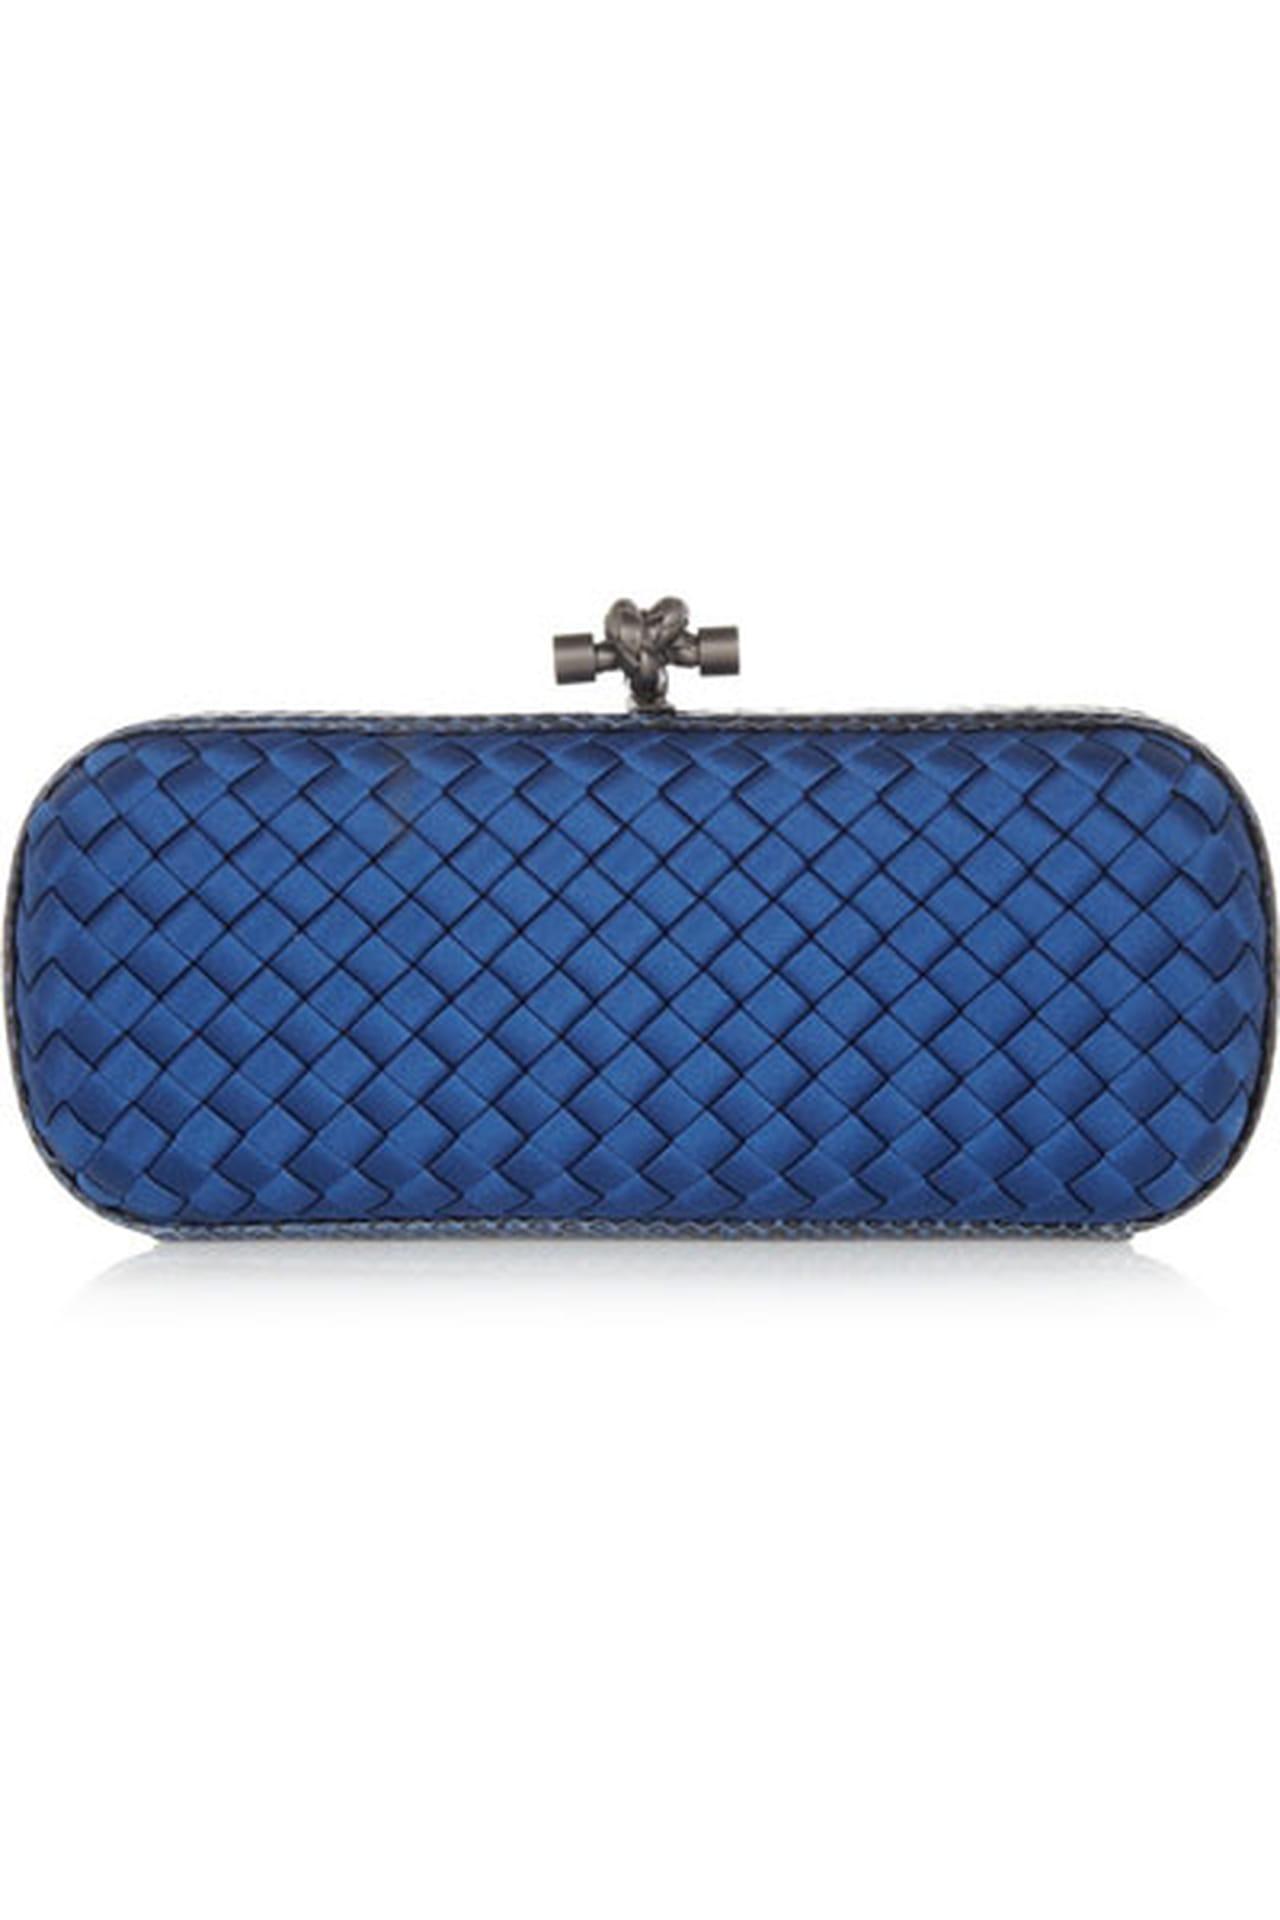 Клатч Bottega Veneta купить в интернет-магазине BombSALES